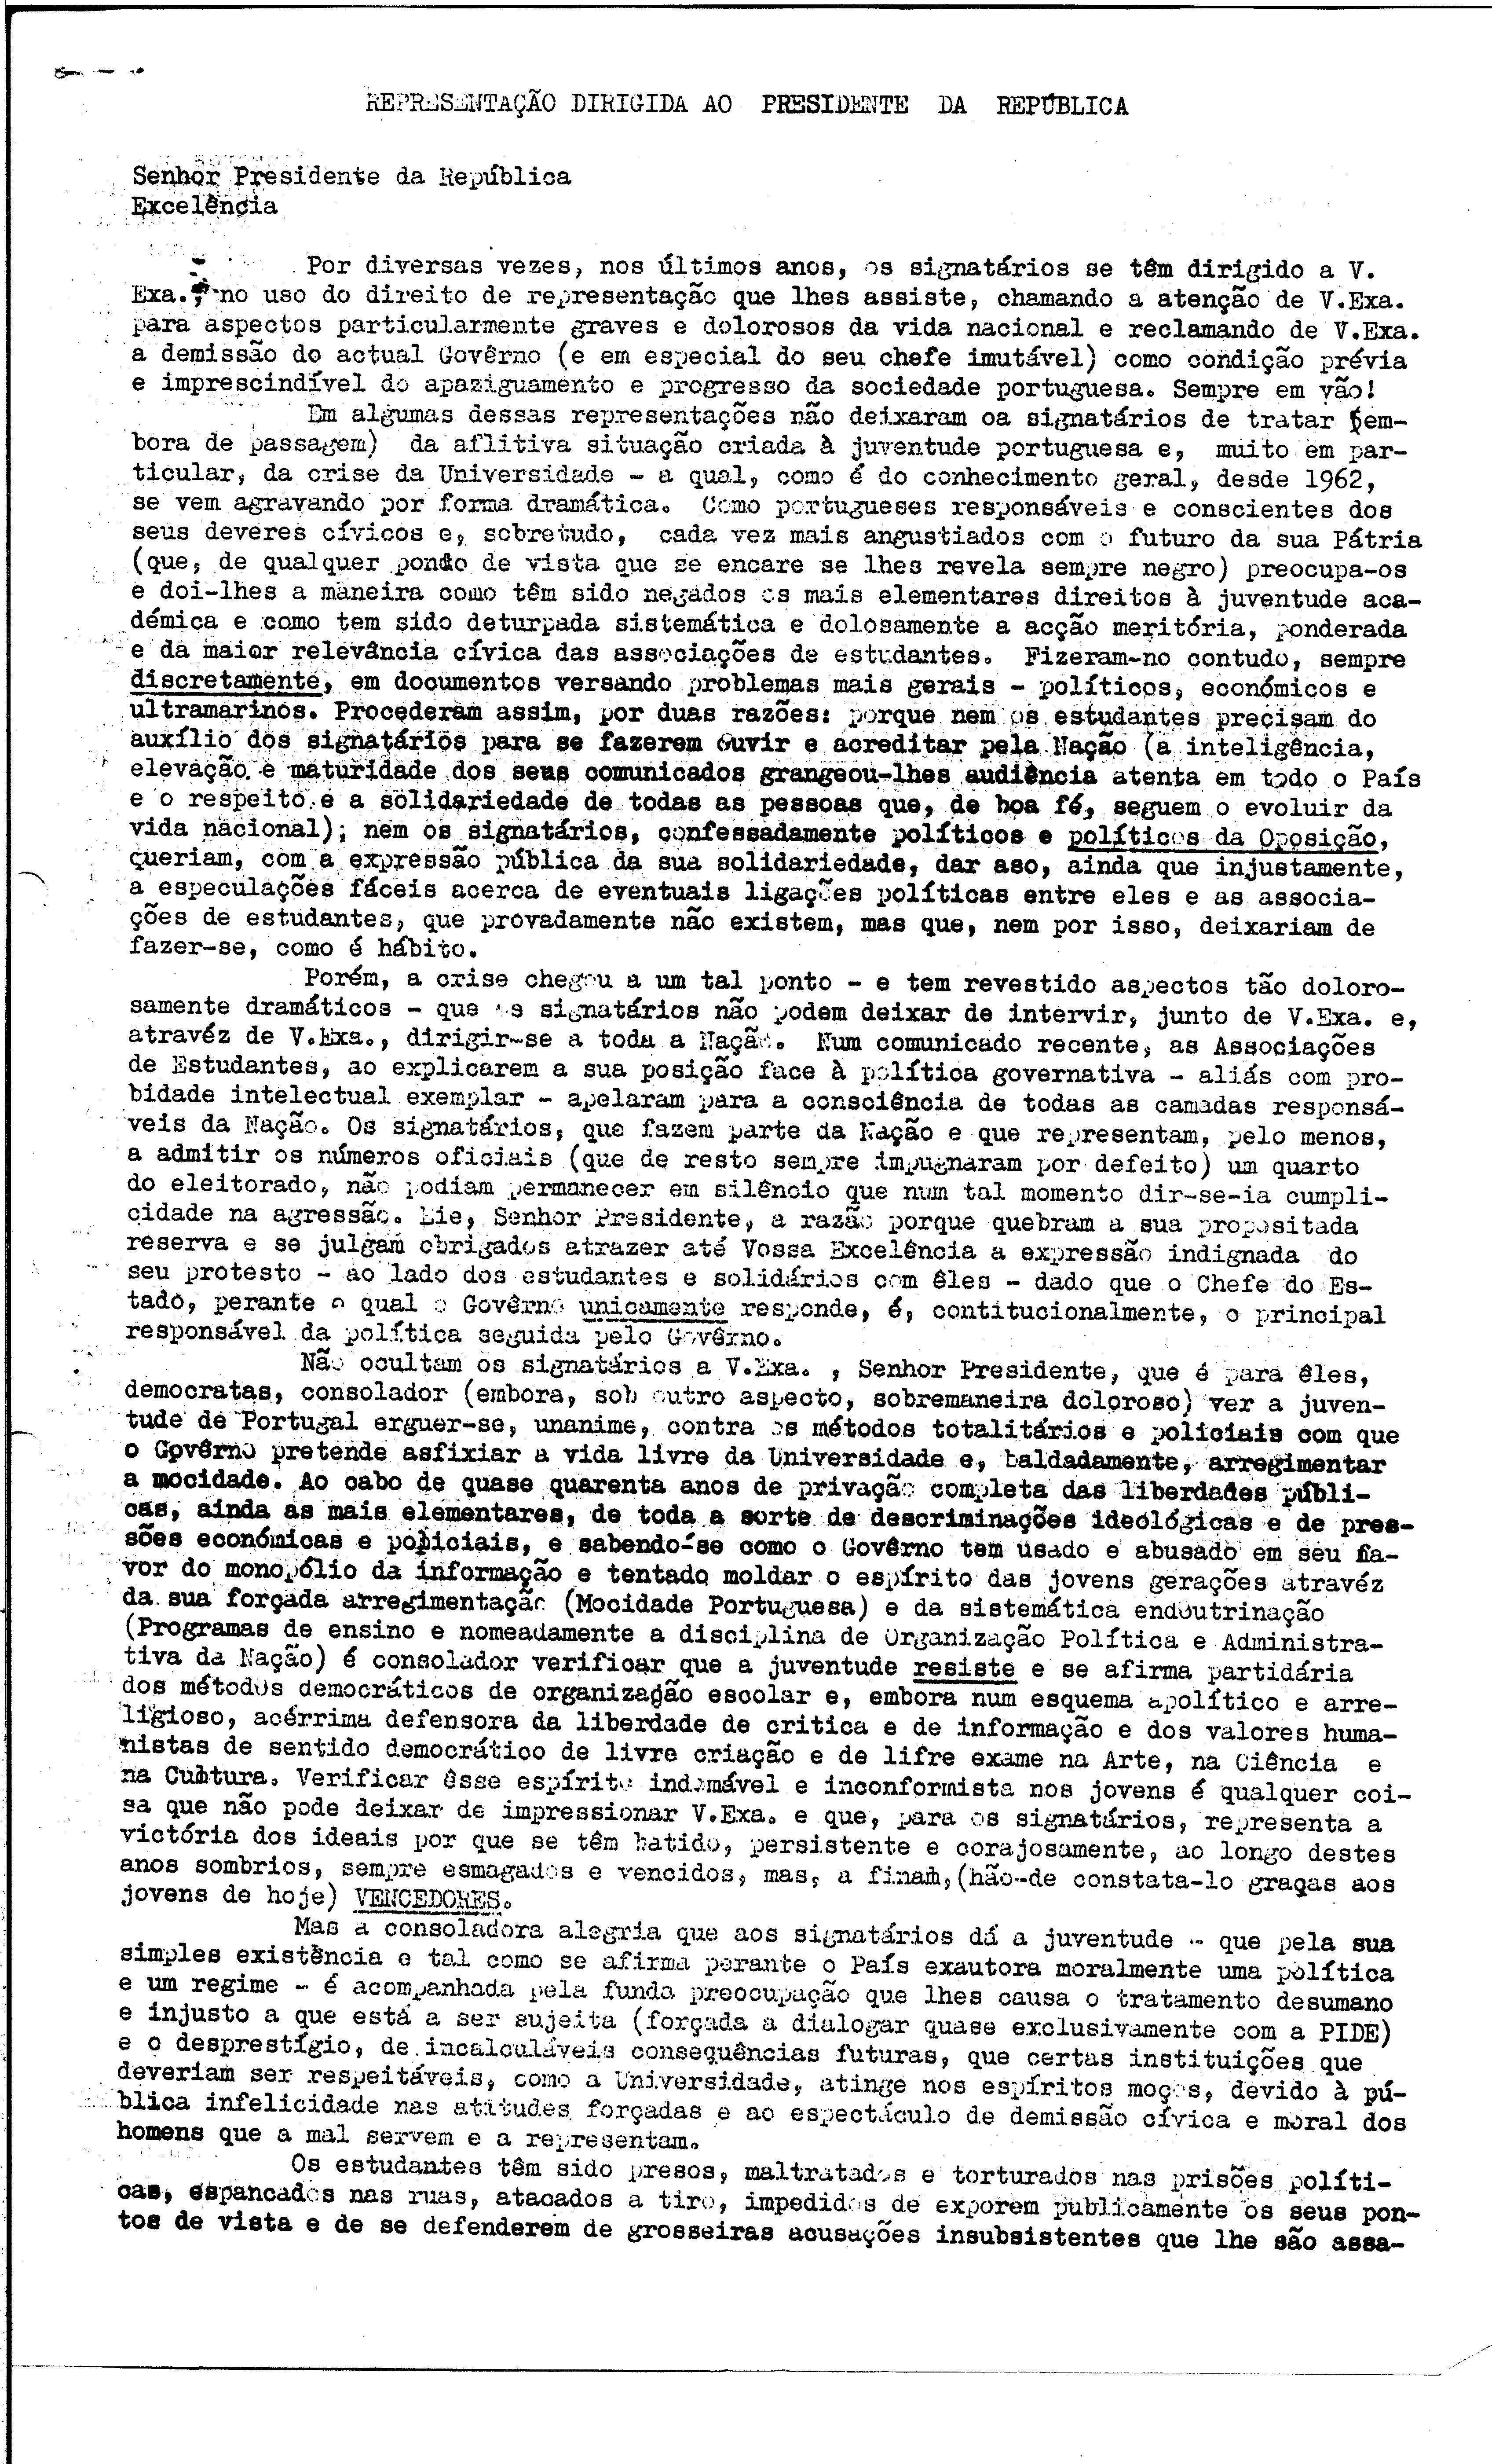 02243.021- pag.1